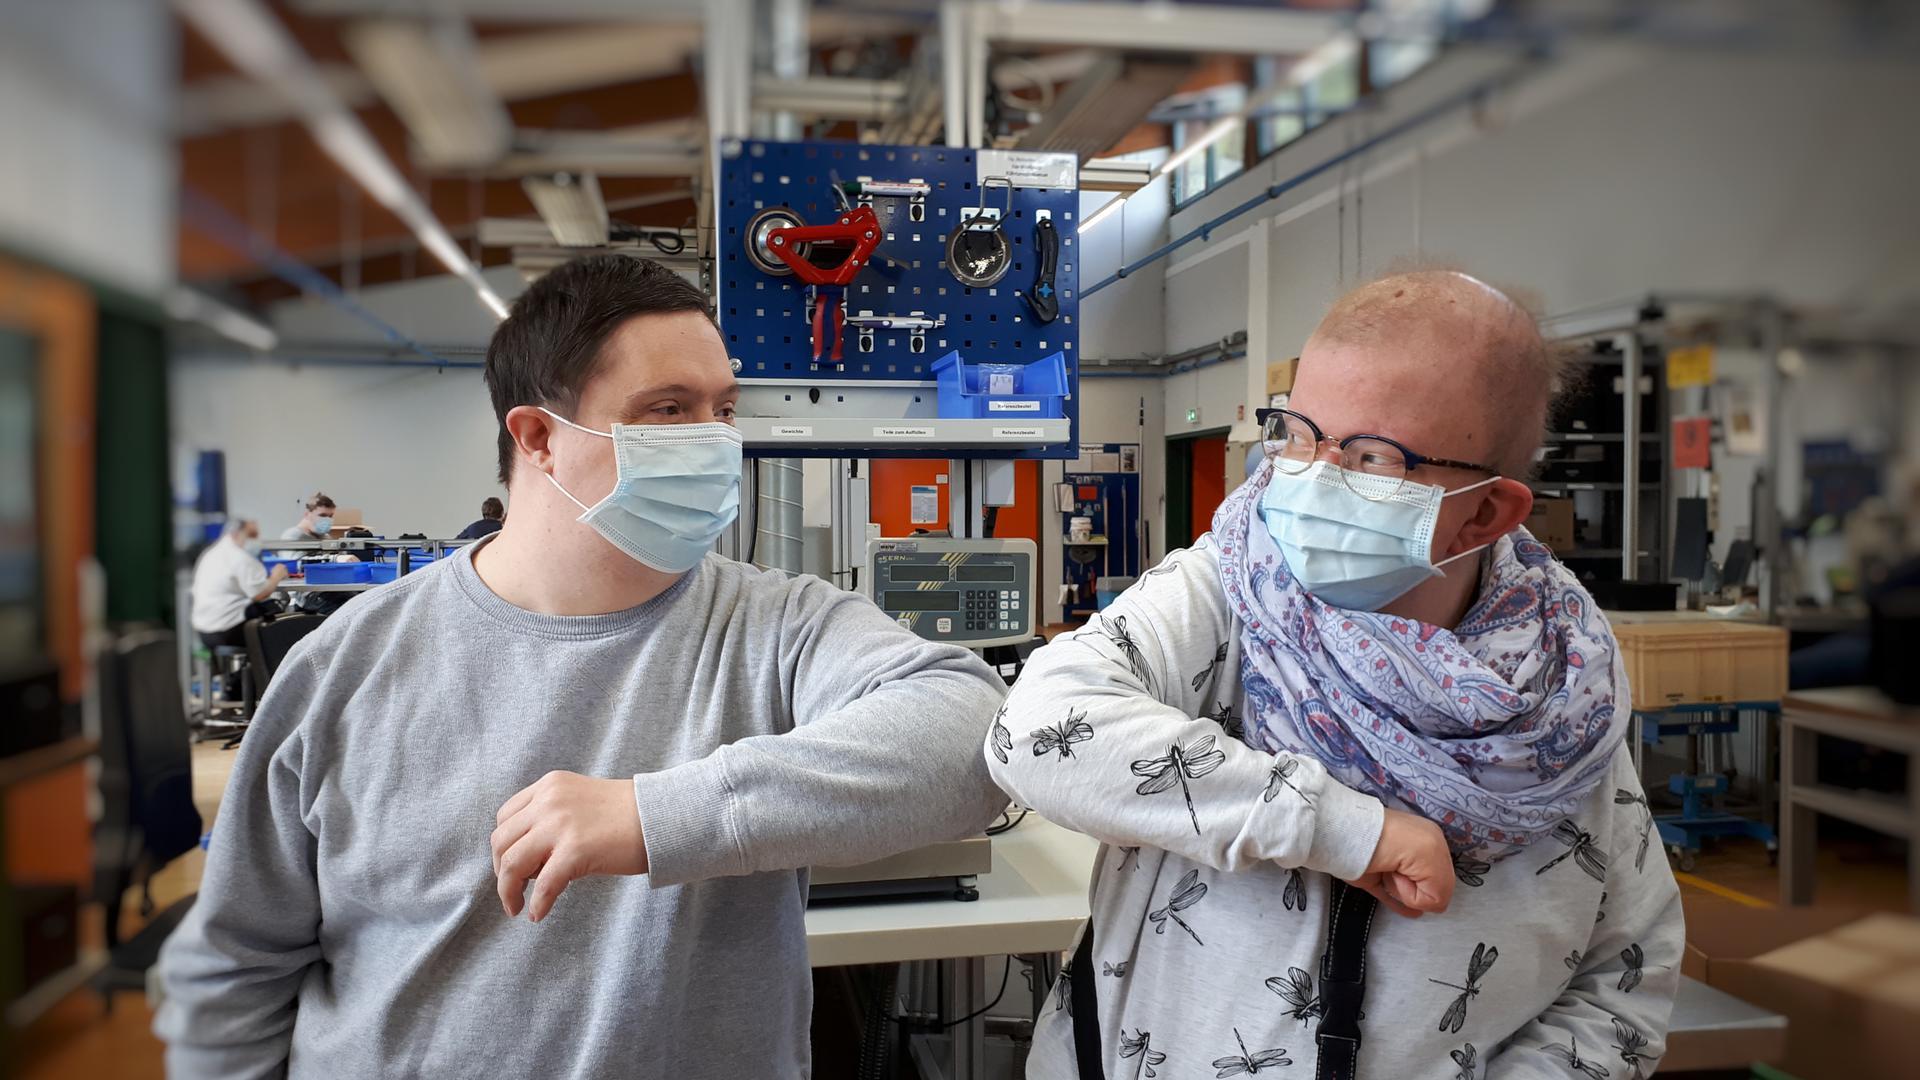 2 Personen mit Mundschutz in Werkstatt